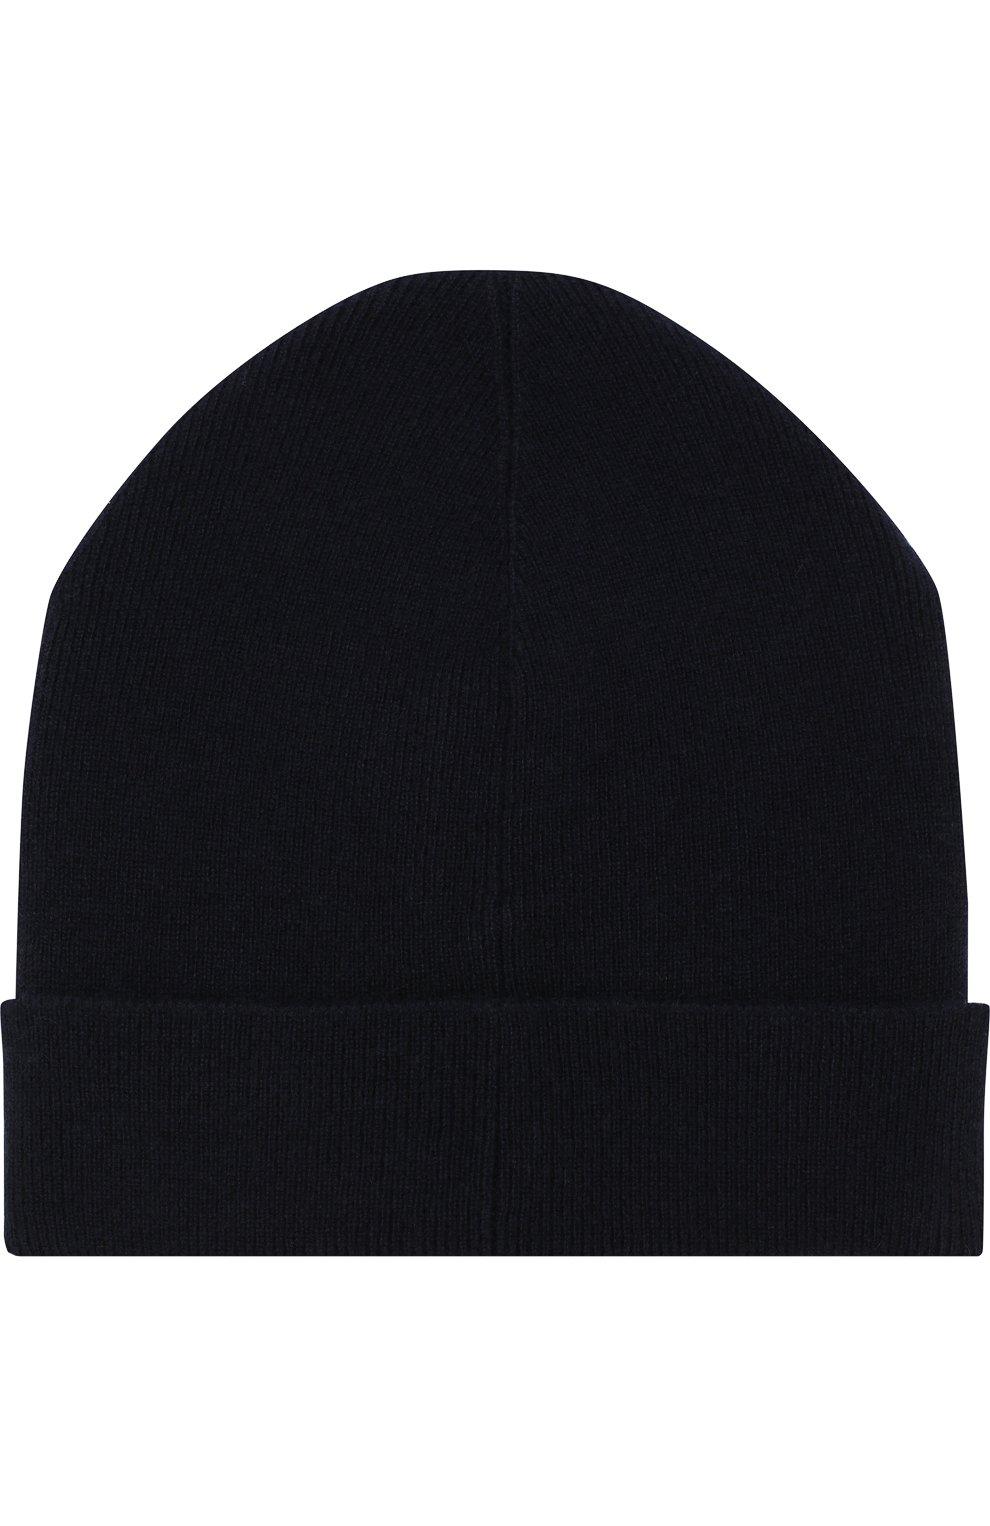 Мужская кашемировая шапка с отворотом BRIONI темно-синего цвета, арт. 04M20L/07K11 | Фото 2